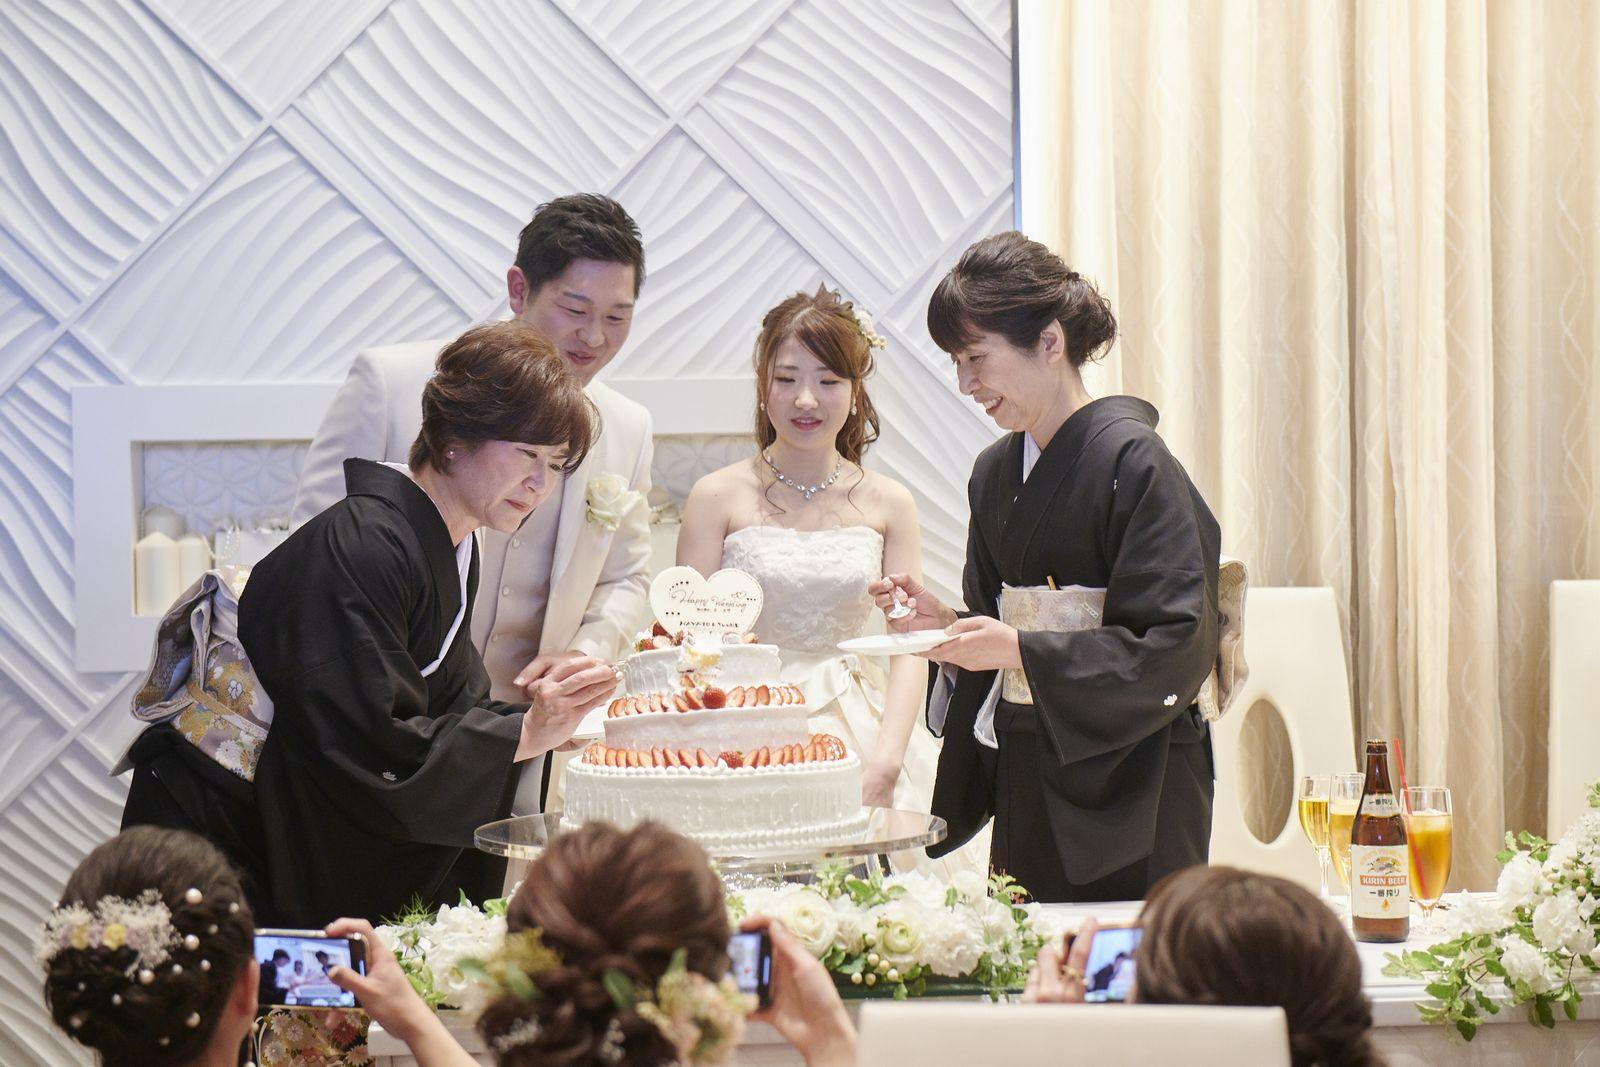 徳島市の結婚式場ブランアンジュでケーキ演出を行う新郎新婦様とお母様